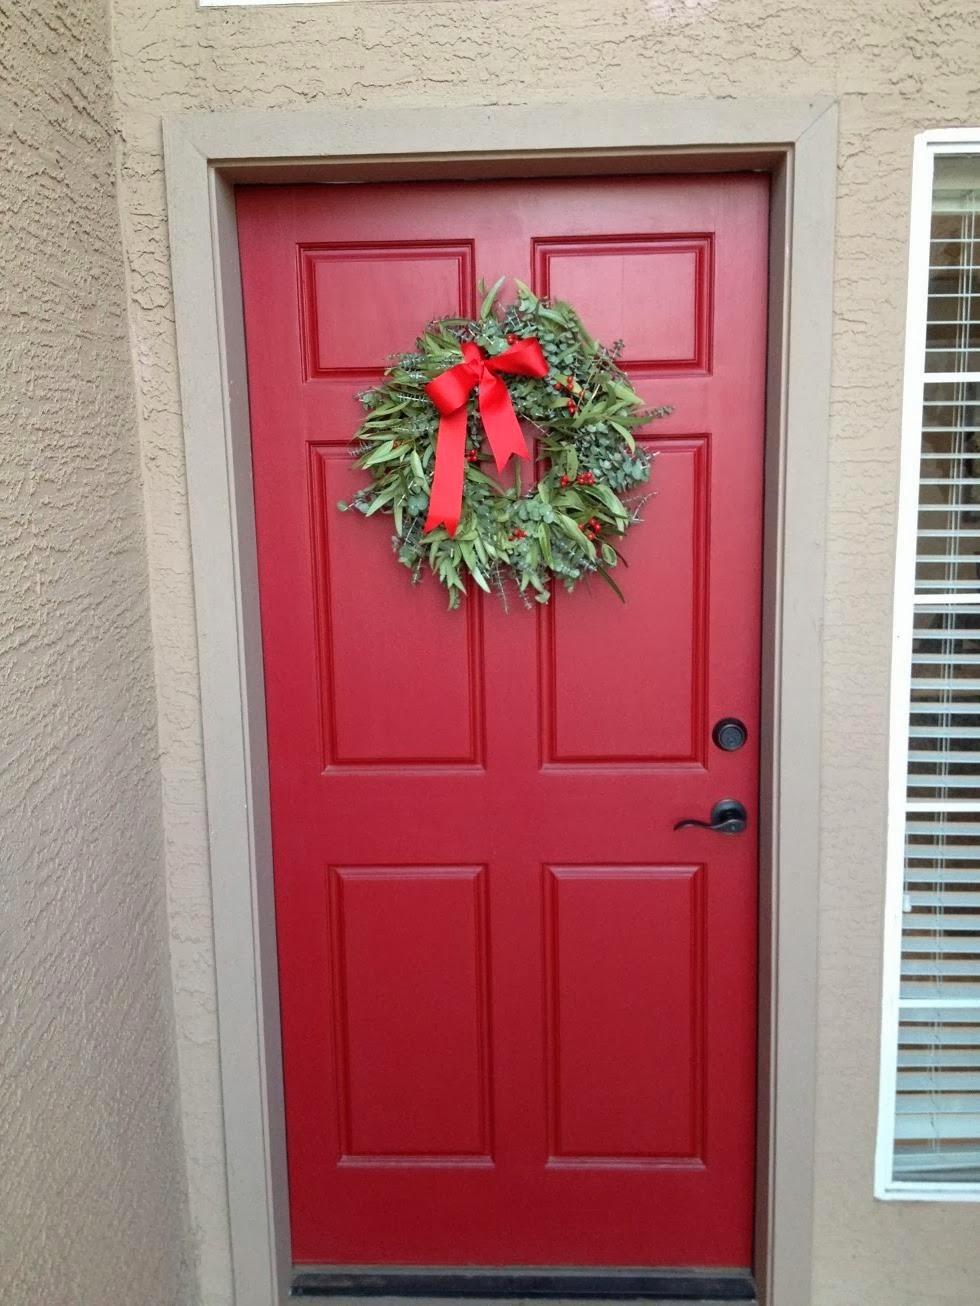 Hesselblogger: Red Front Door